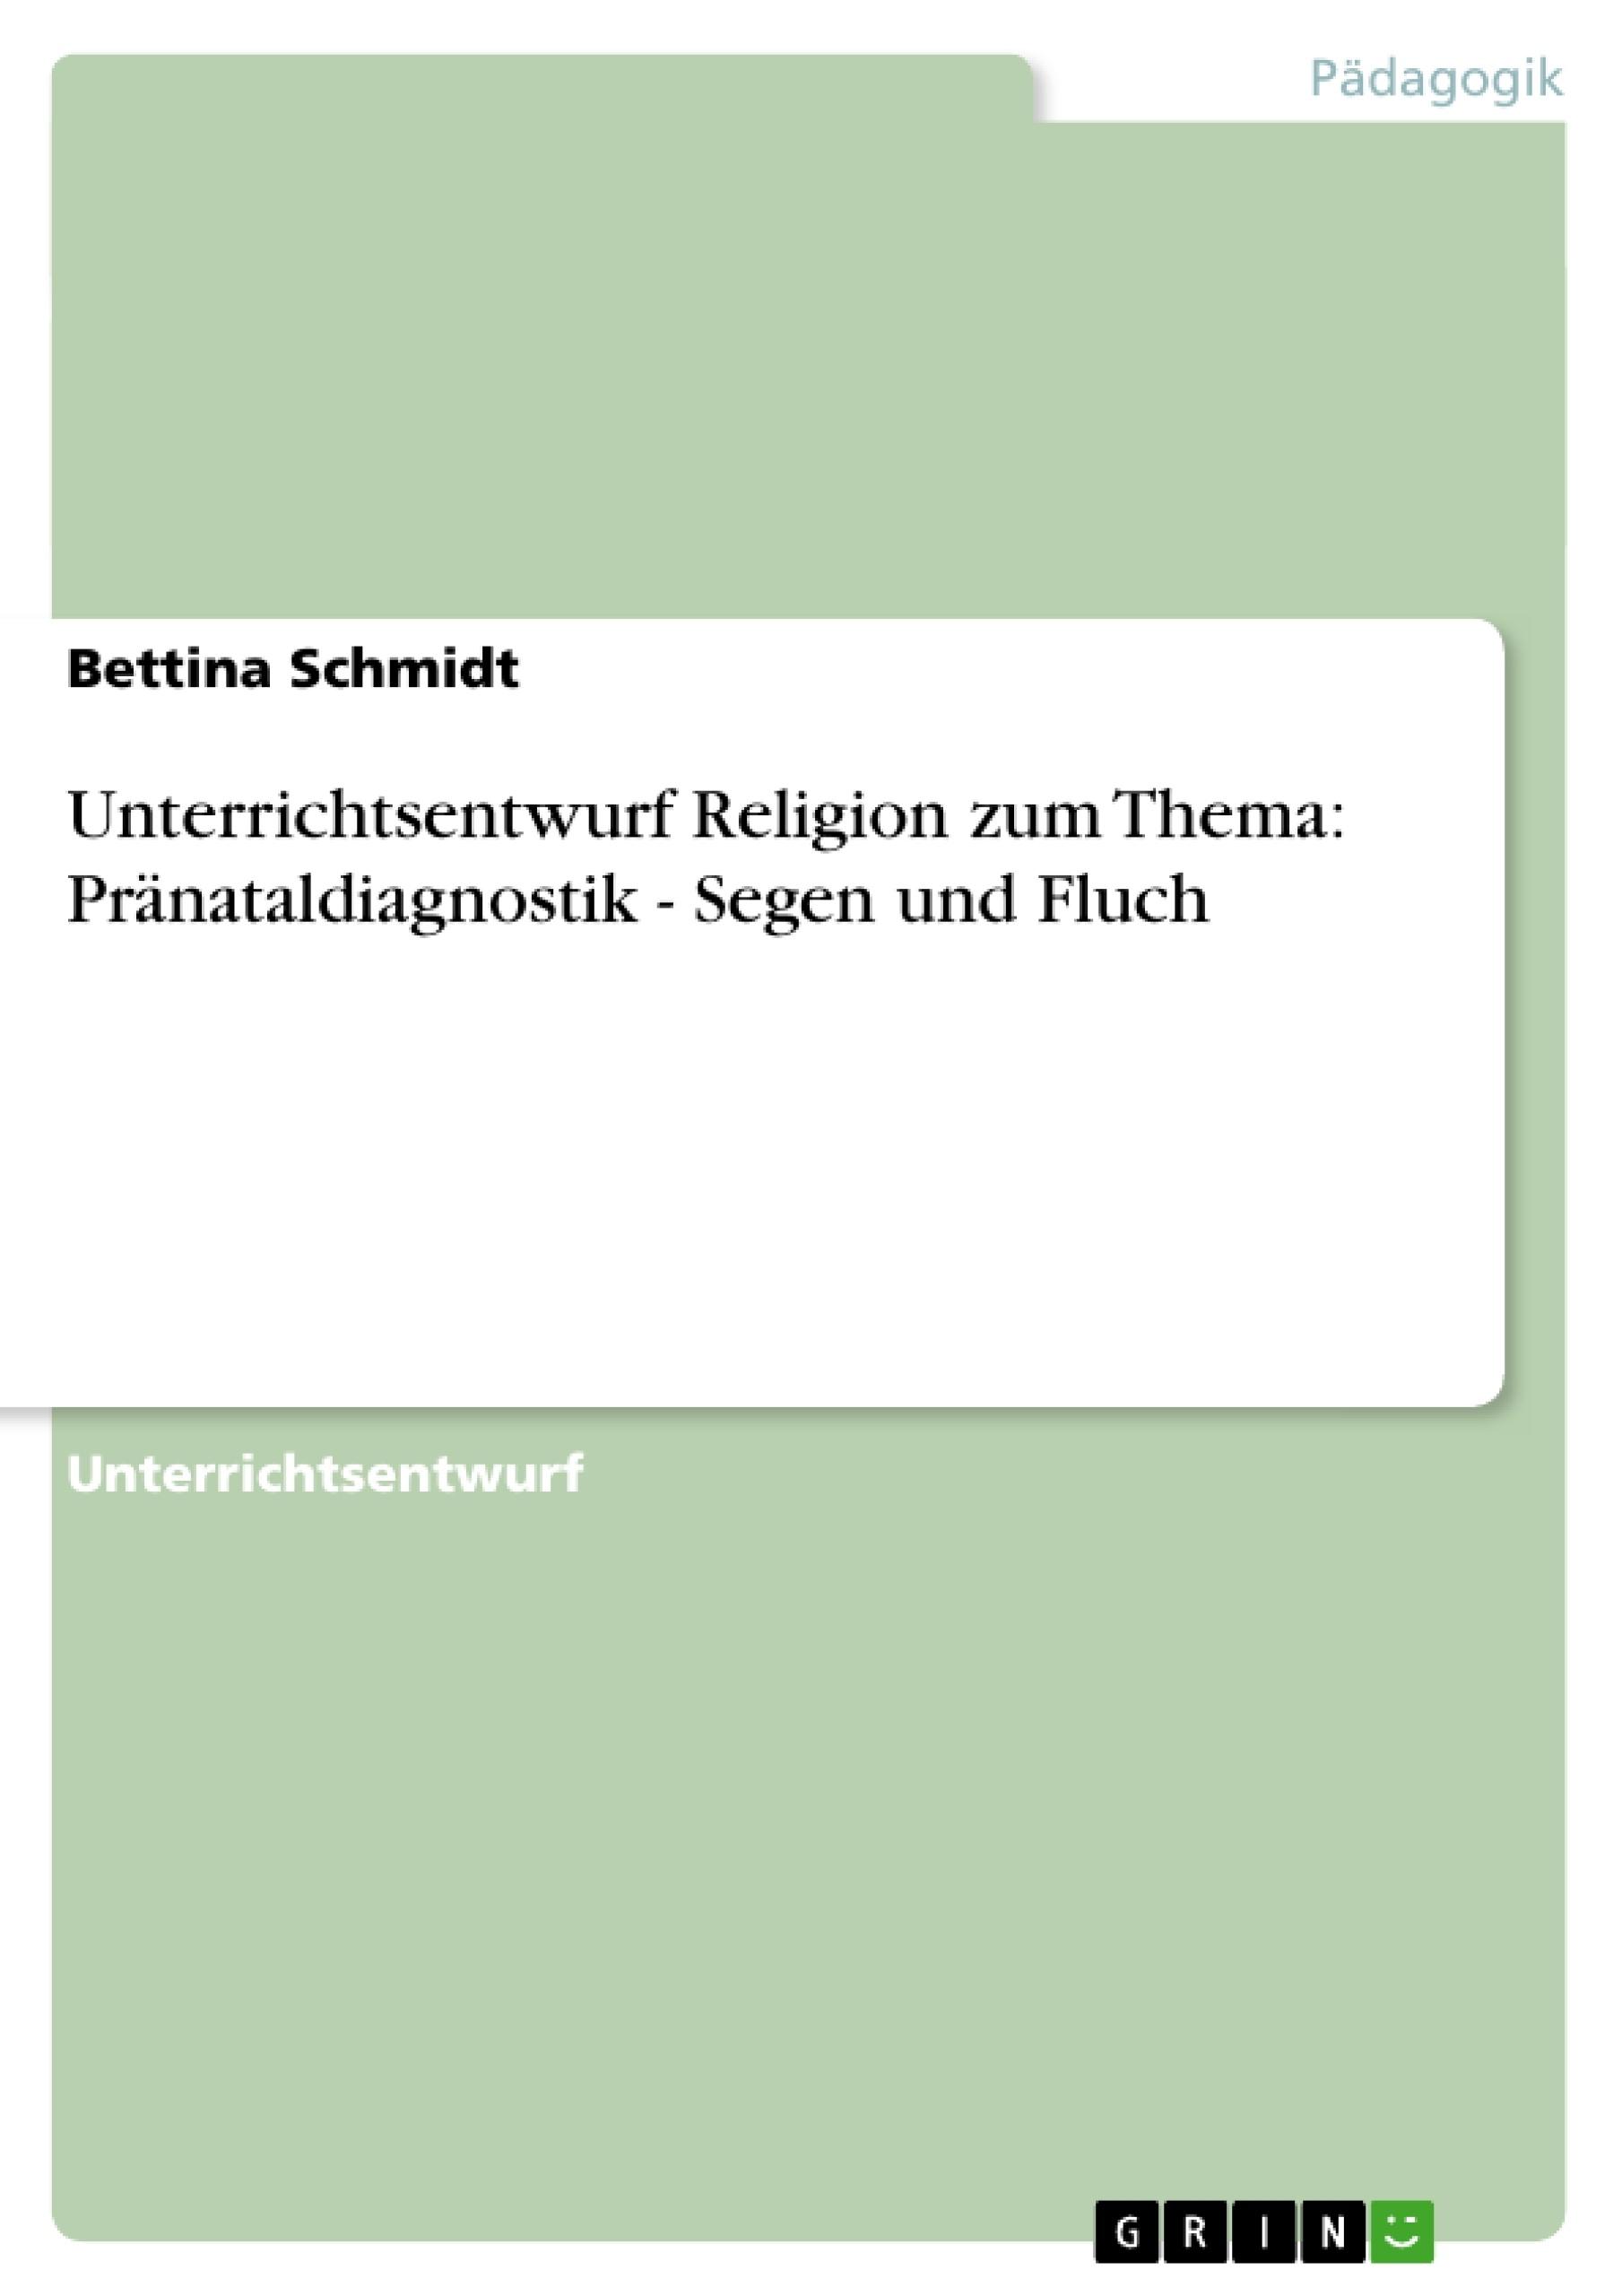 Titel: Unterrichtsentwurf Religion zum Thema: Pränataldiagnostik - Segen und Fluch